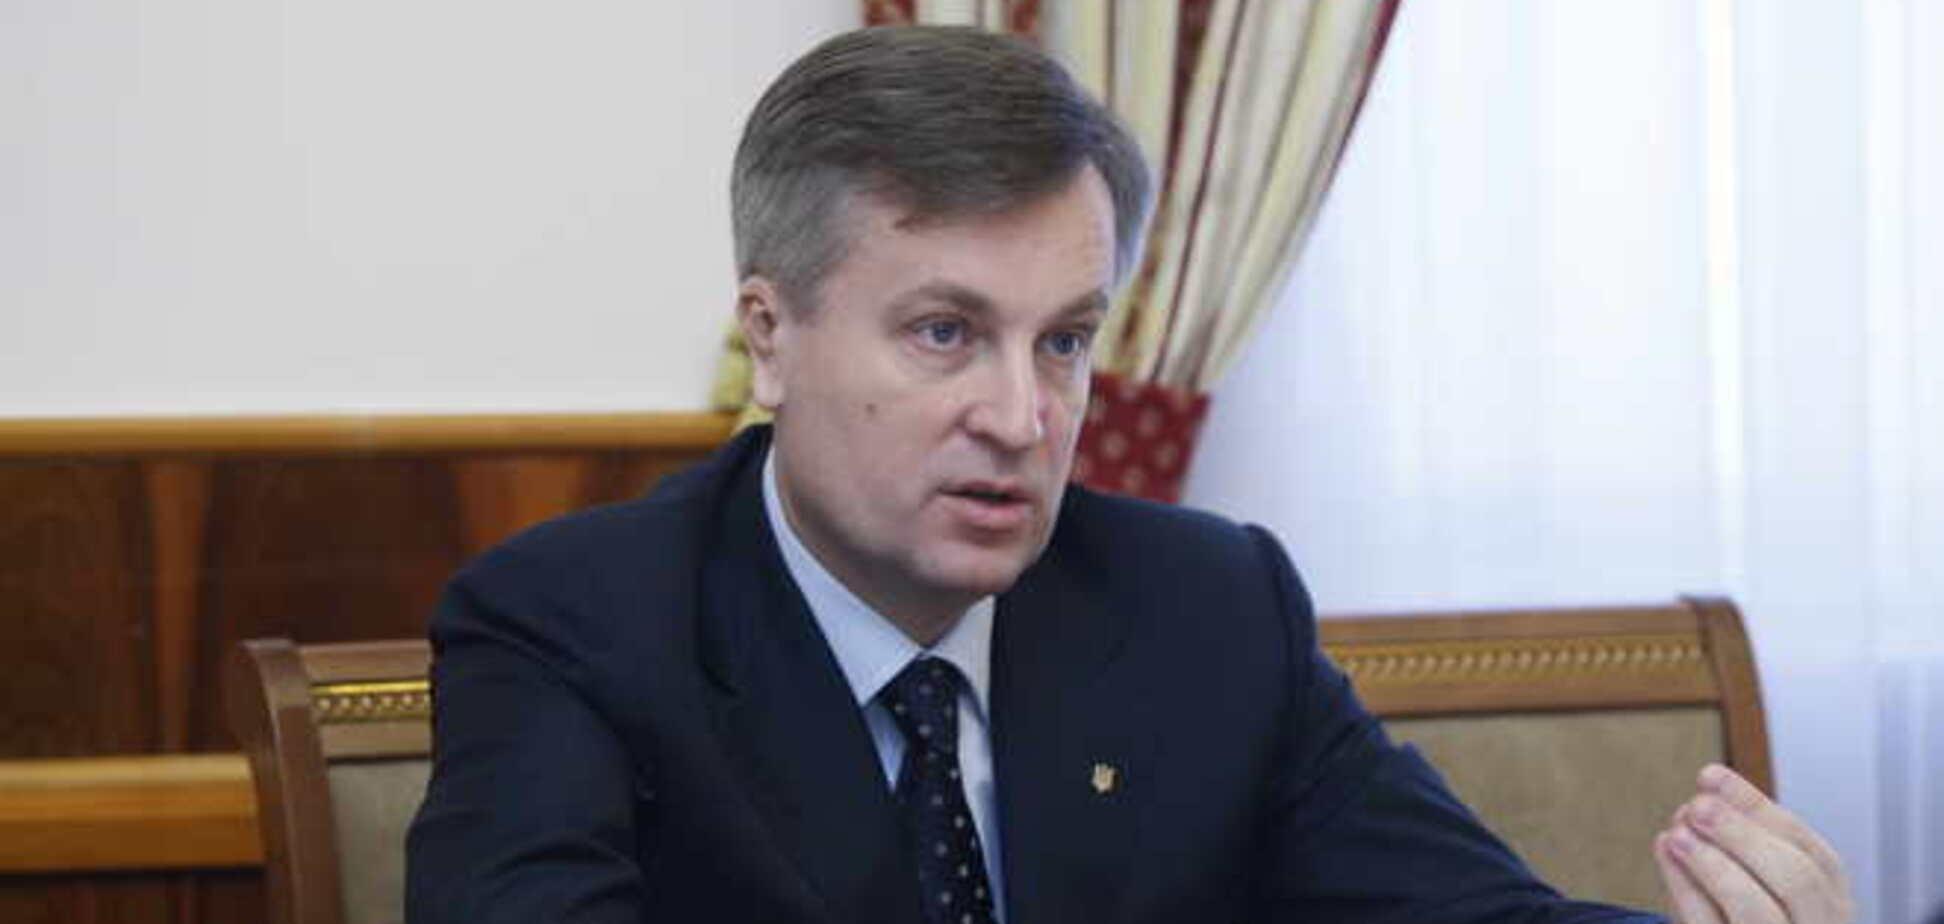 Террористы препятствуют процессу обмена пленными – глава СБУ